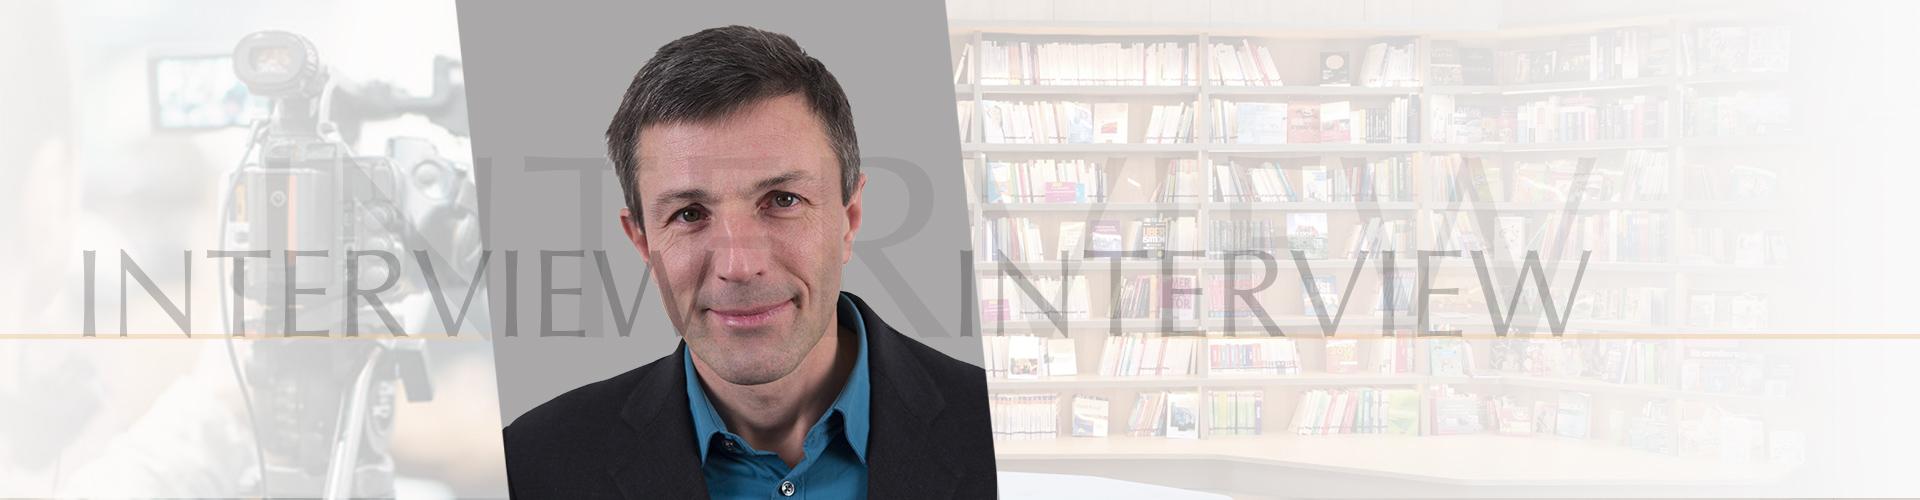 interview-pierrick-bourgault-100-defis-photo.jpg